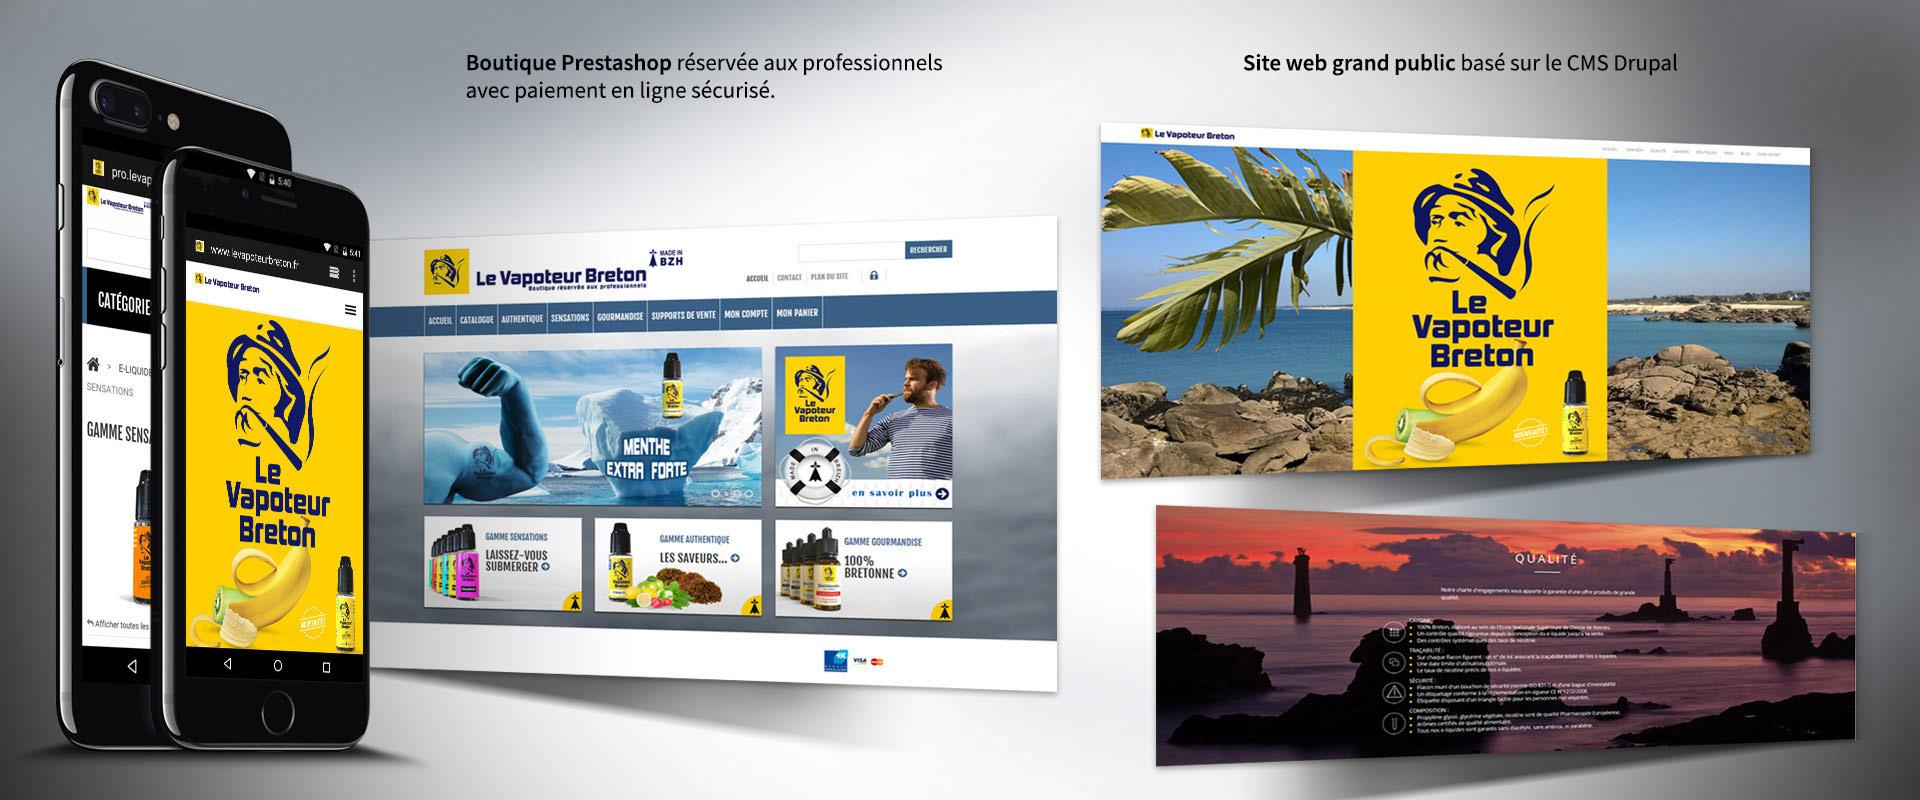 Le Vapoteur Breton : site grand public basé sur CMS Drupal et boutique Prestashop réservée aux professionnels